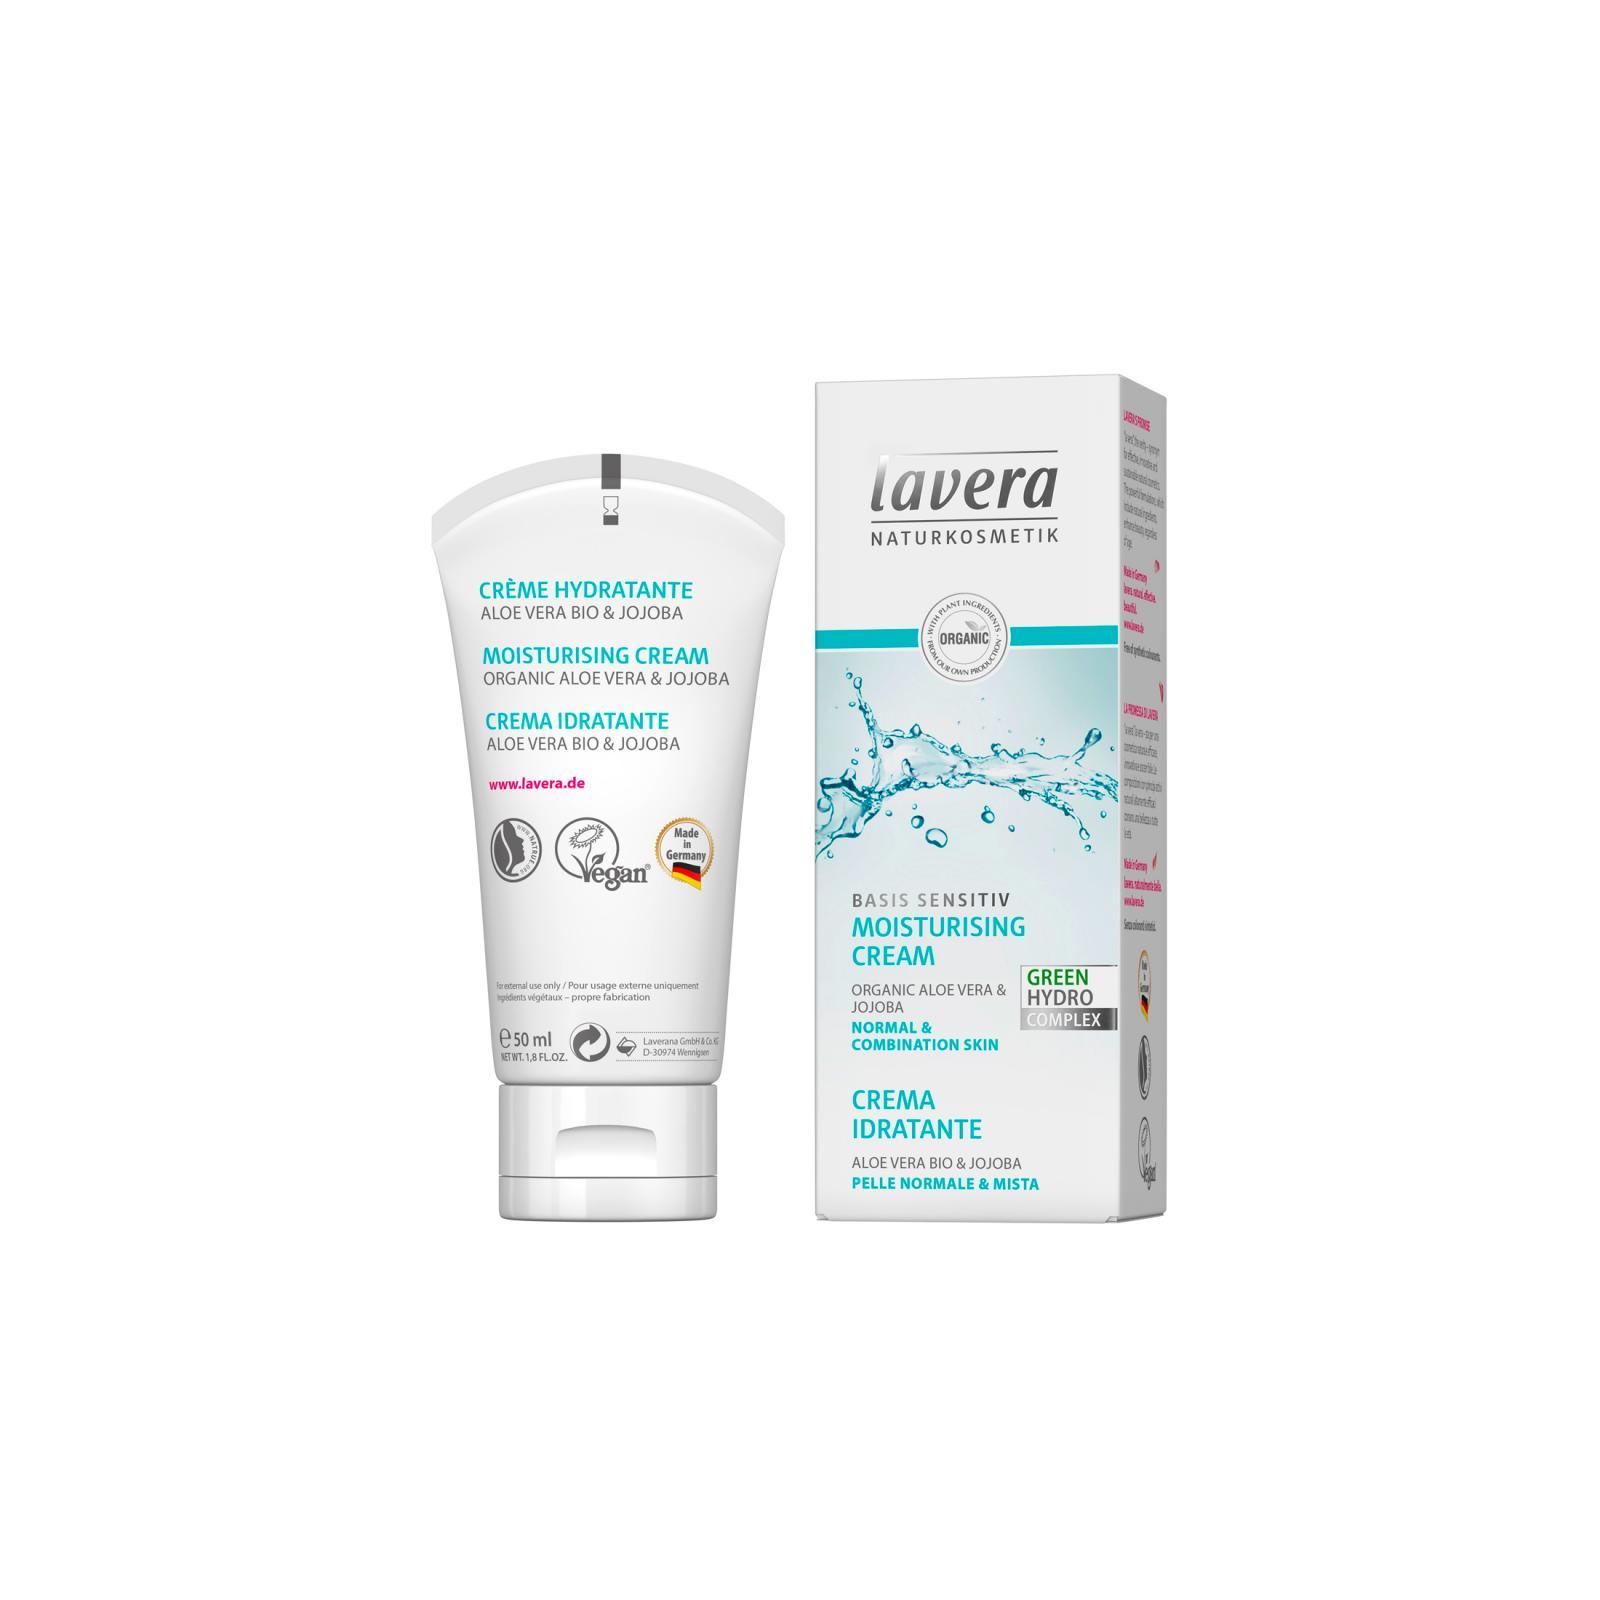 Lavera Hydratační krém, Basis Sensitiv 50 ml